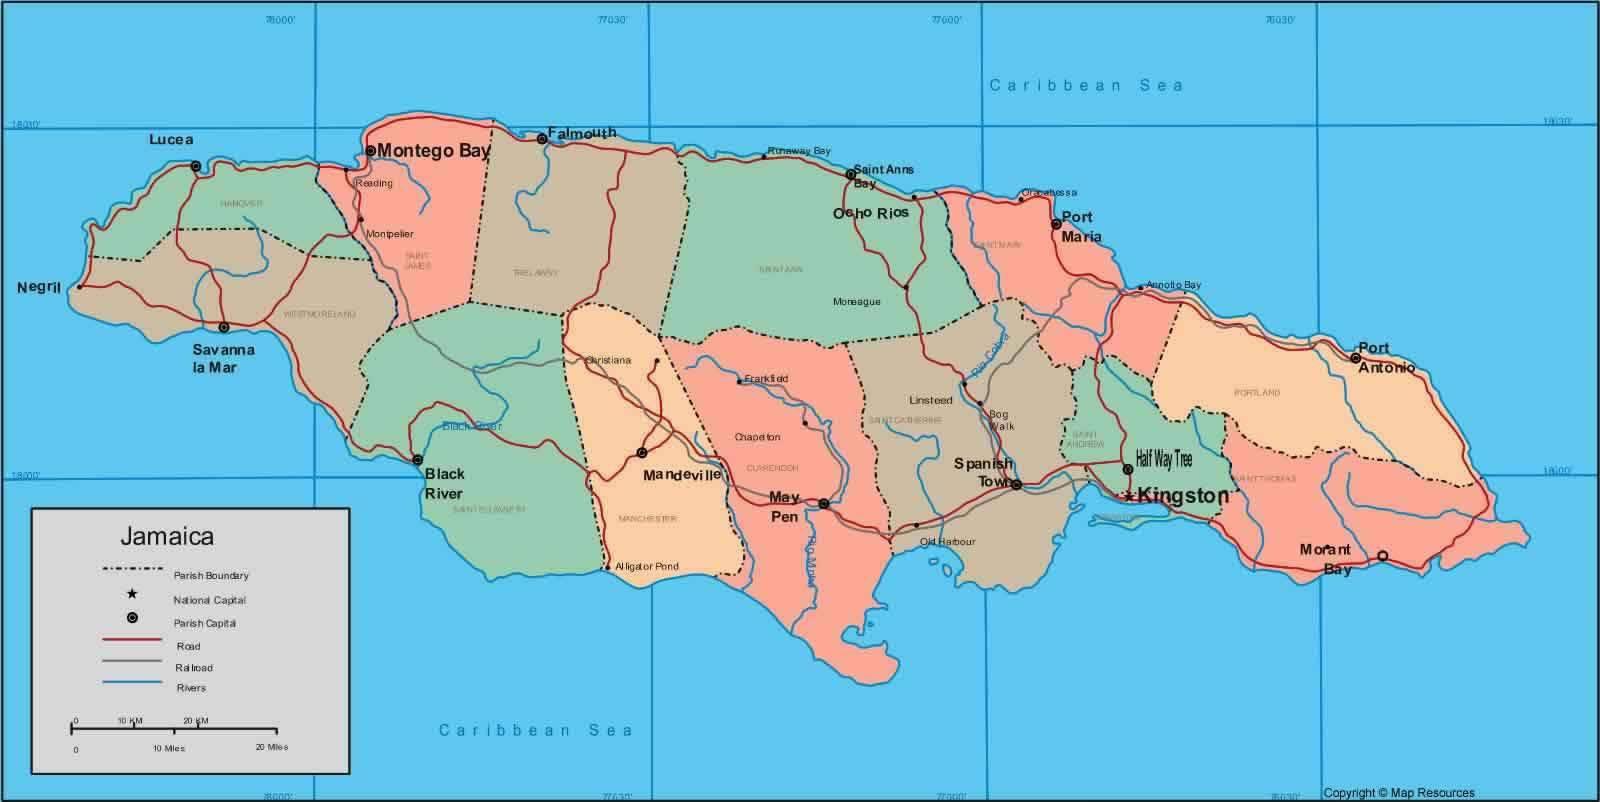 Carte des régions de la Jamaïque